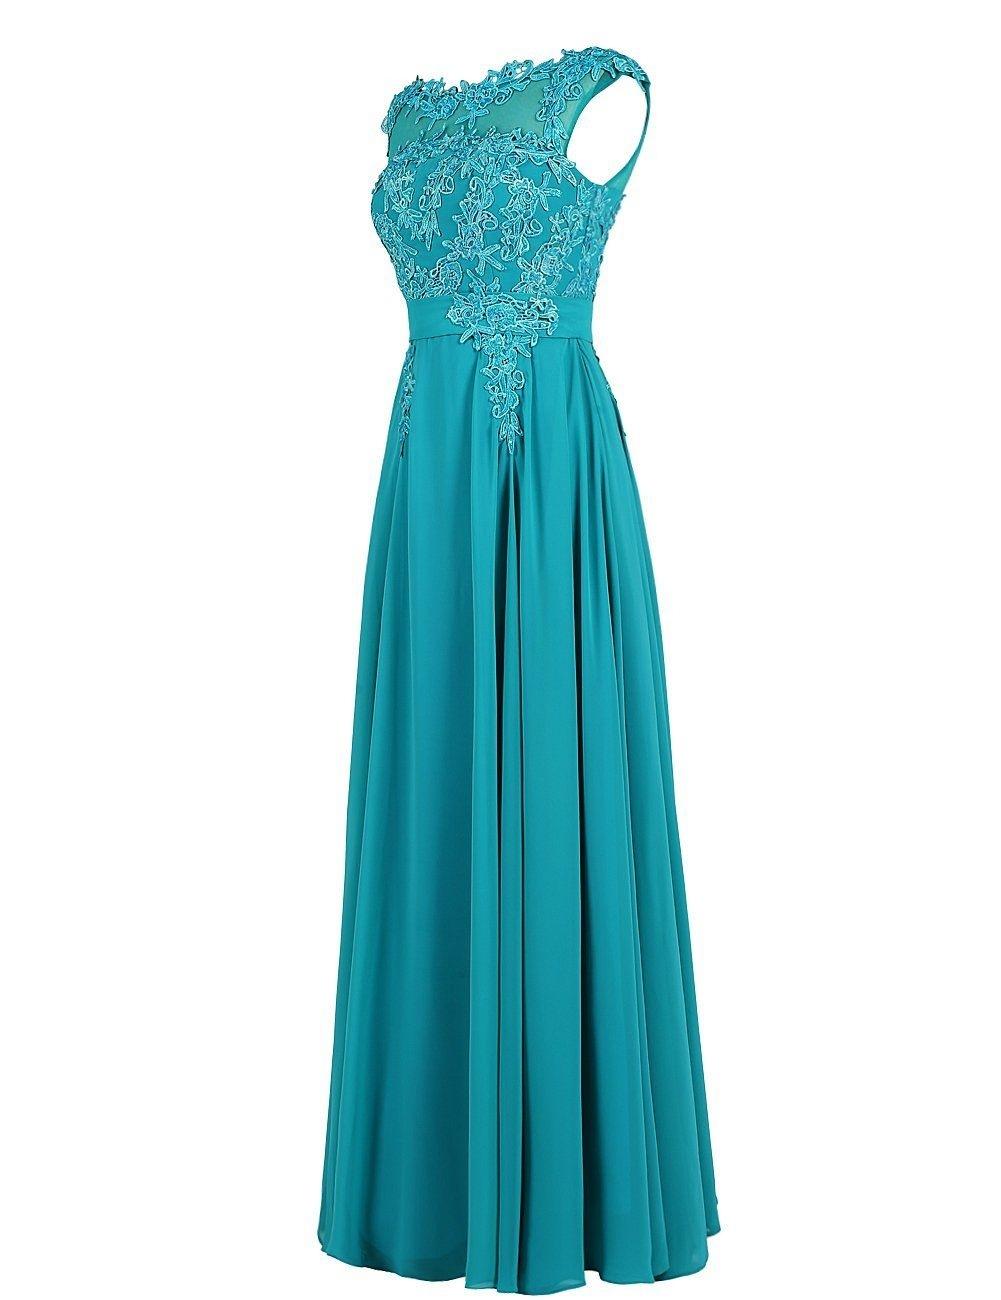 Abend Luxus Kleid Türkis Spitze Design20 Coolste Kleid Türkis Spitze Spezialgebiet